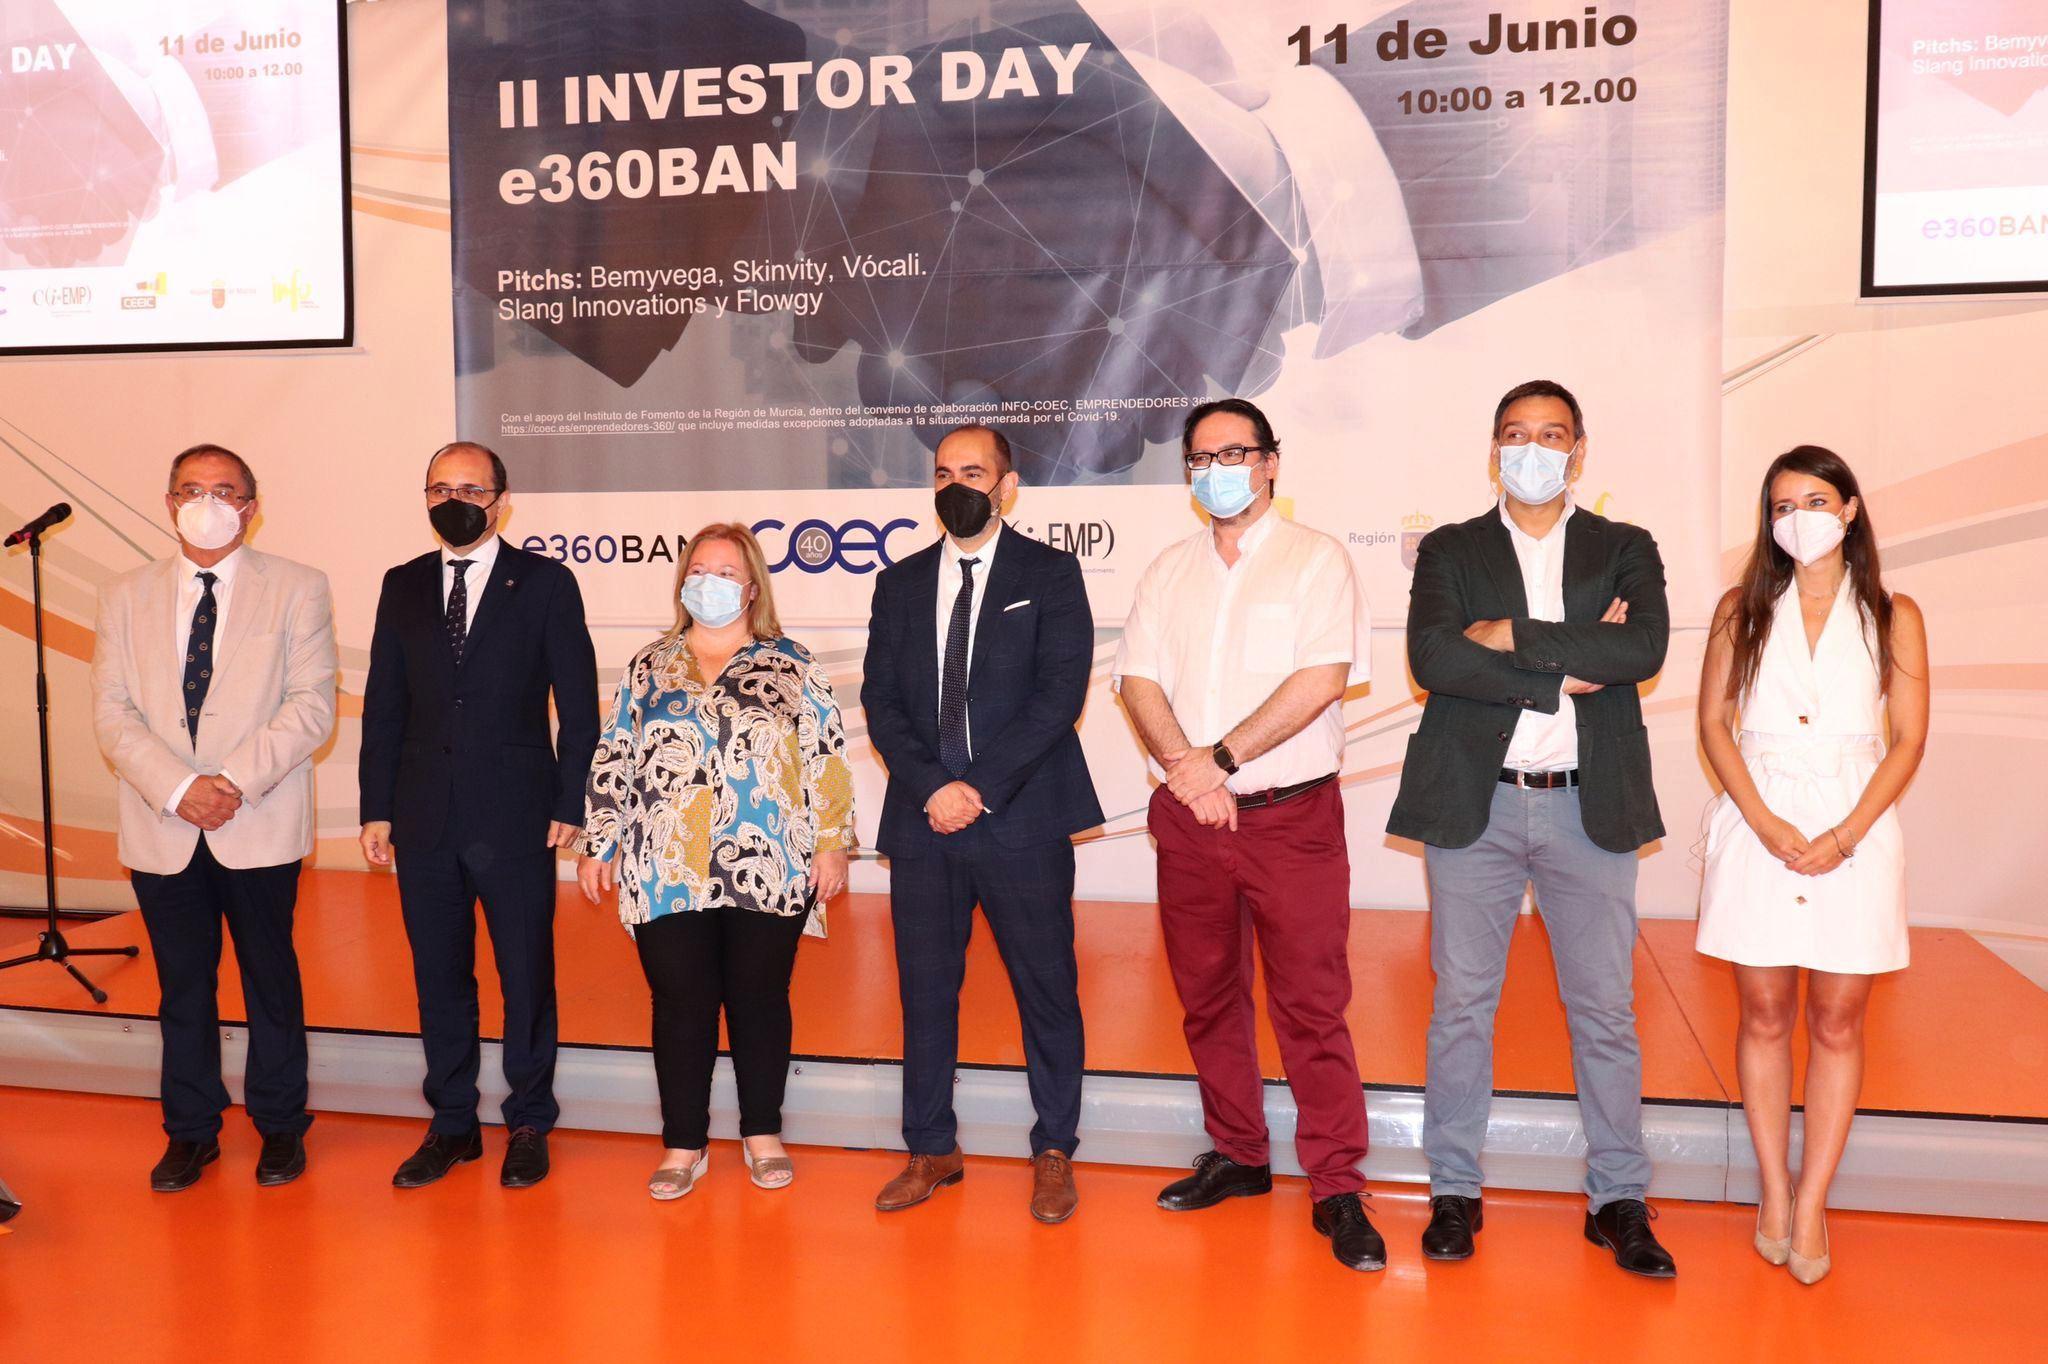 CINCO STARTUPS PRESENTAN SUS PROYECTOS EN BUSCA DE INVERSORES EN EL II INVESTOR DAY E360BAN ORGANIZADO POR COEC